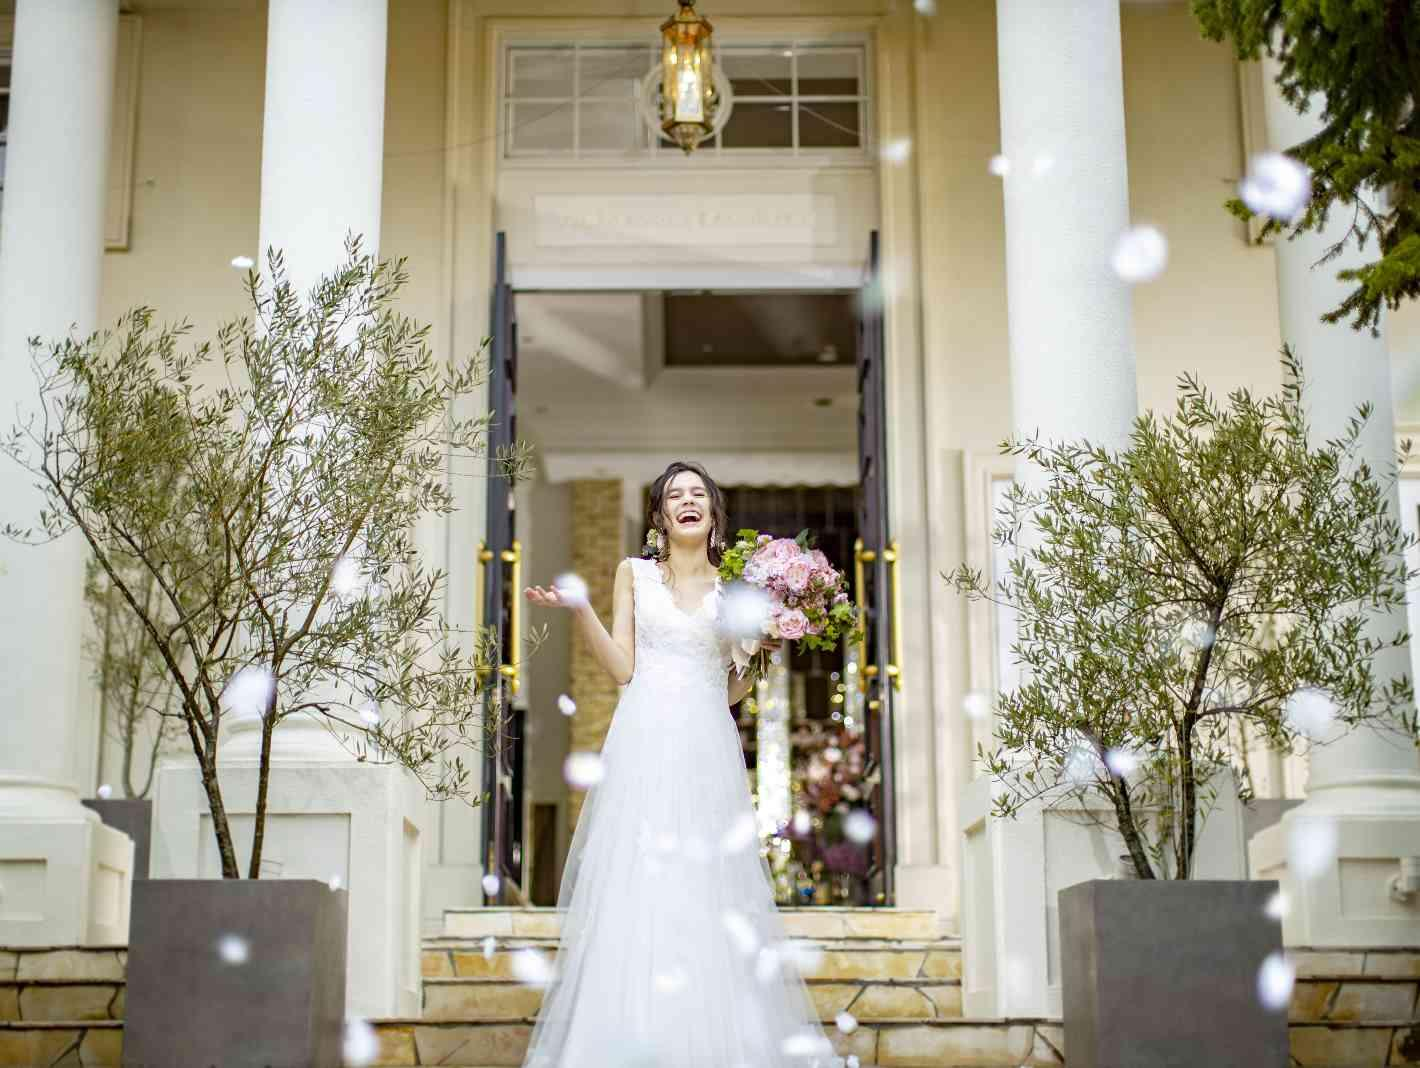 ead7d7d246e34 愛知県の少人数の結婚式特集